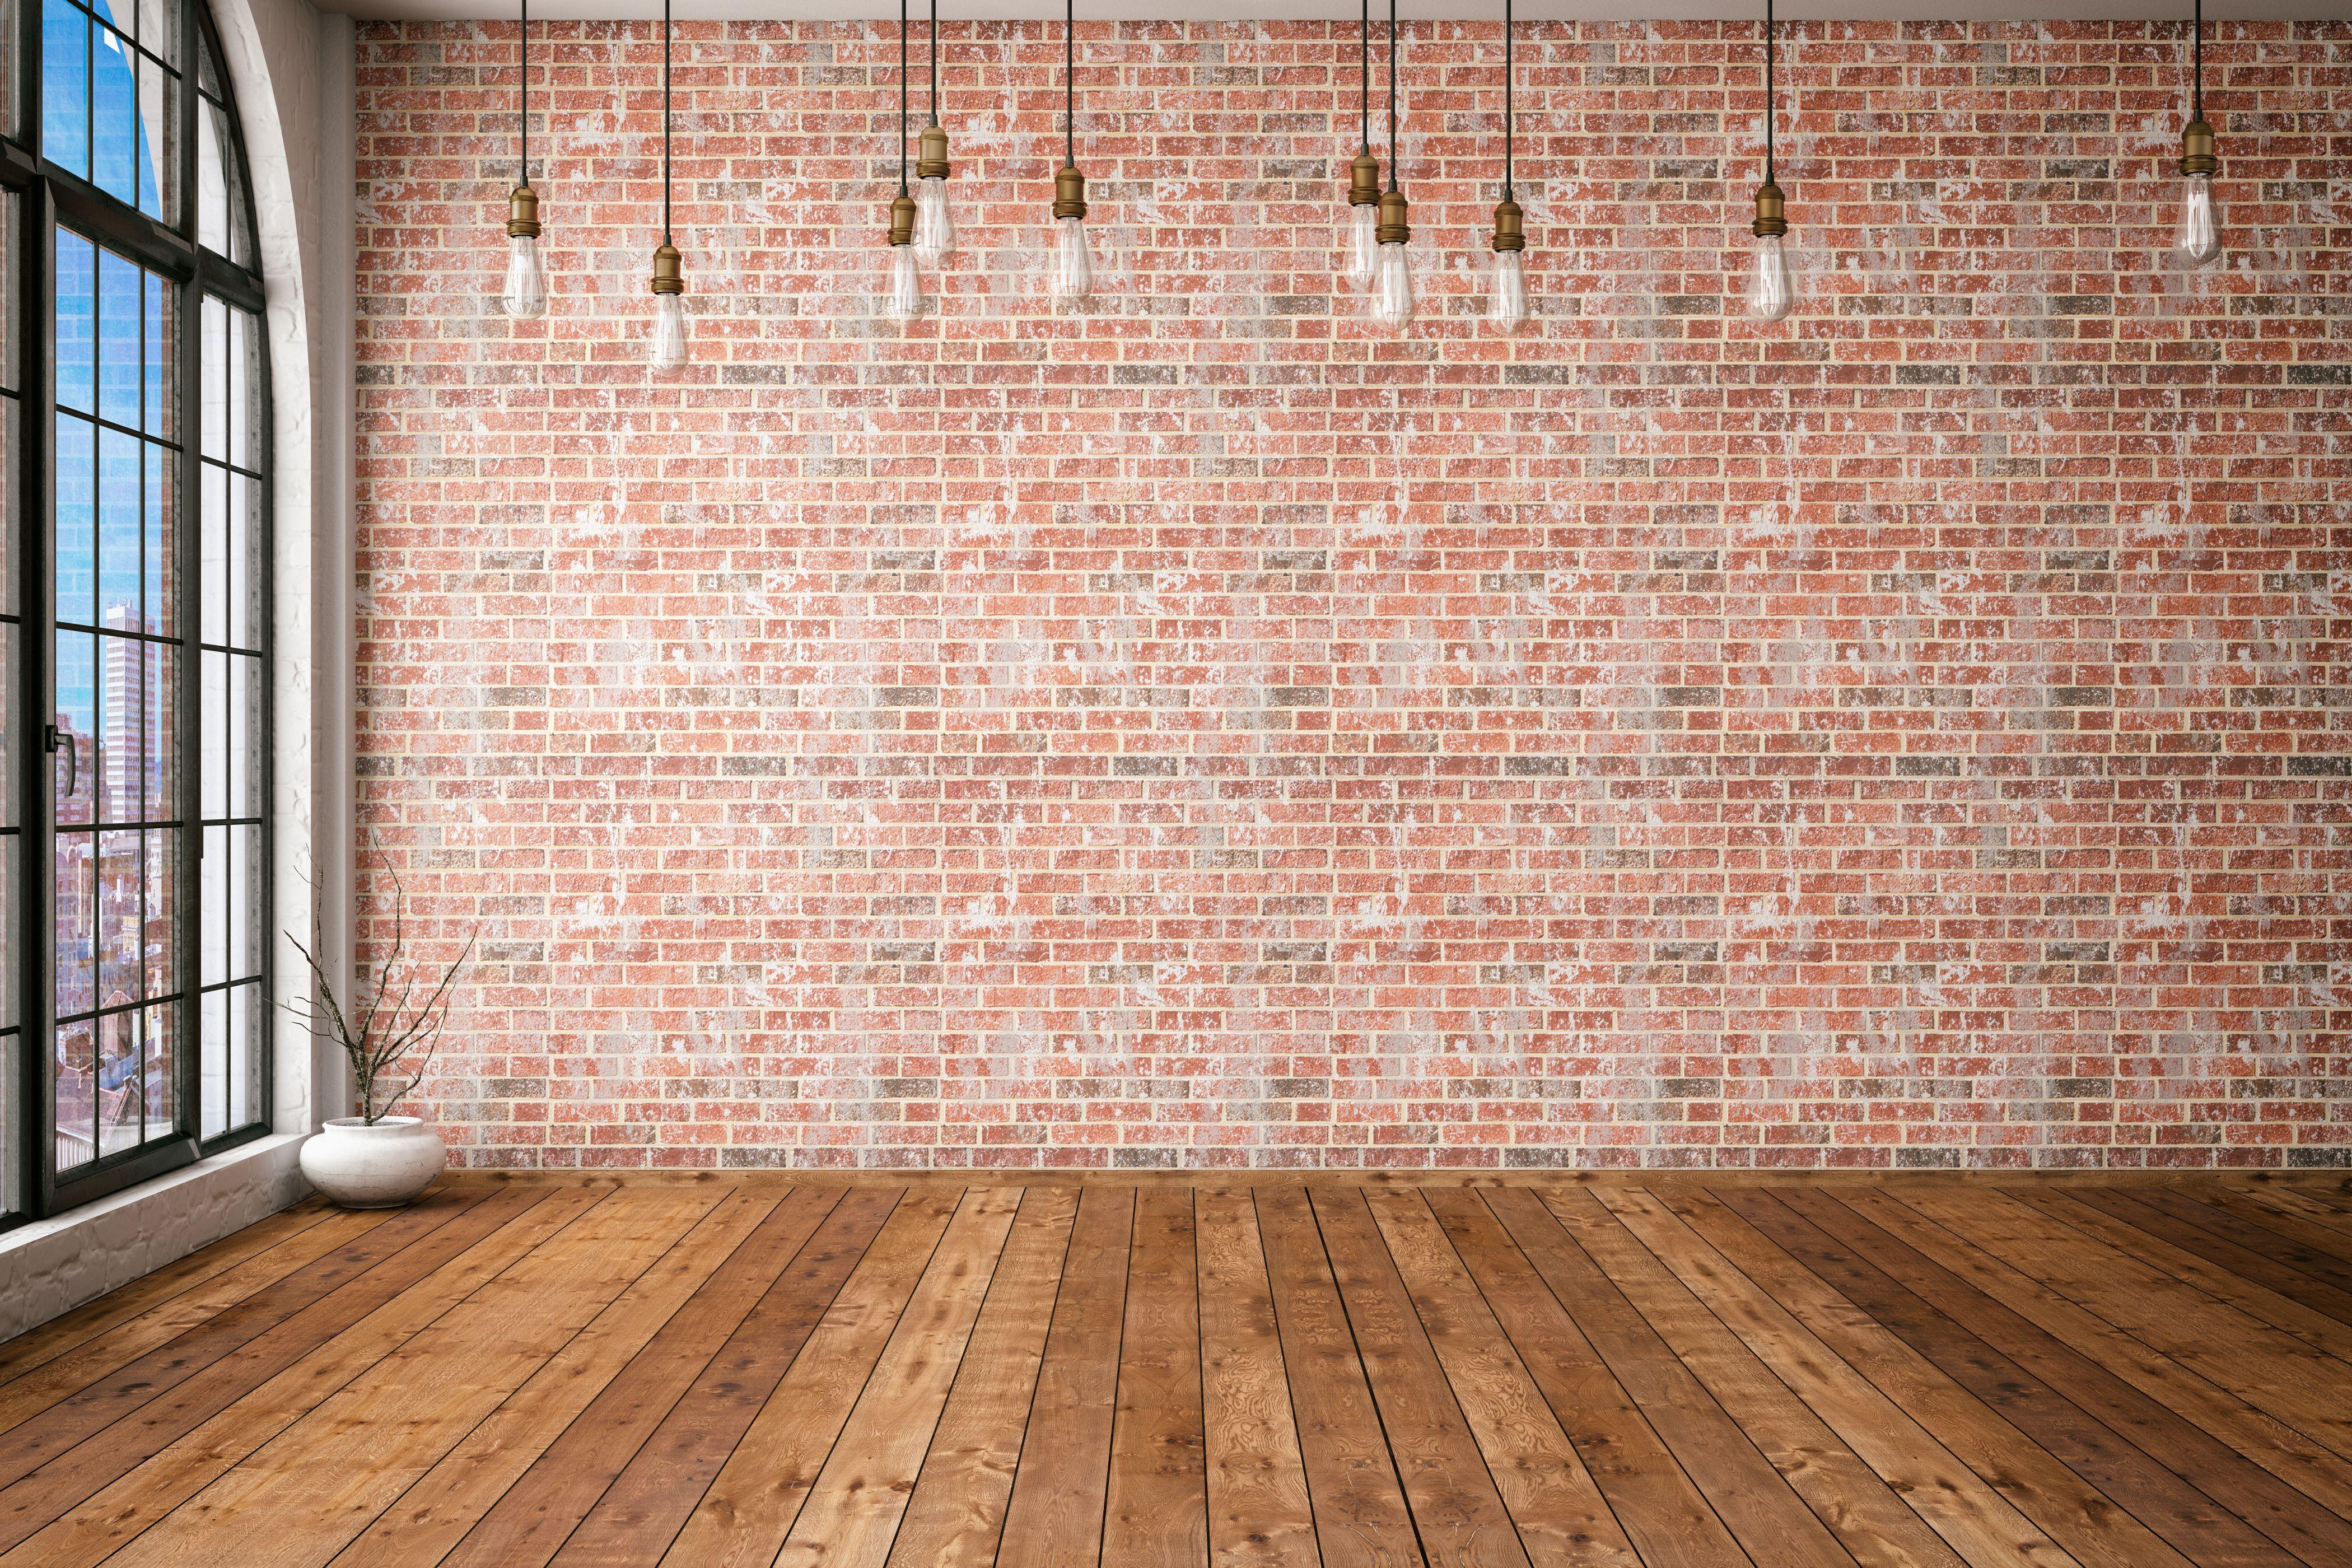 how to get paint off brick floor